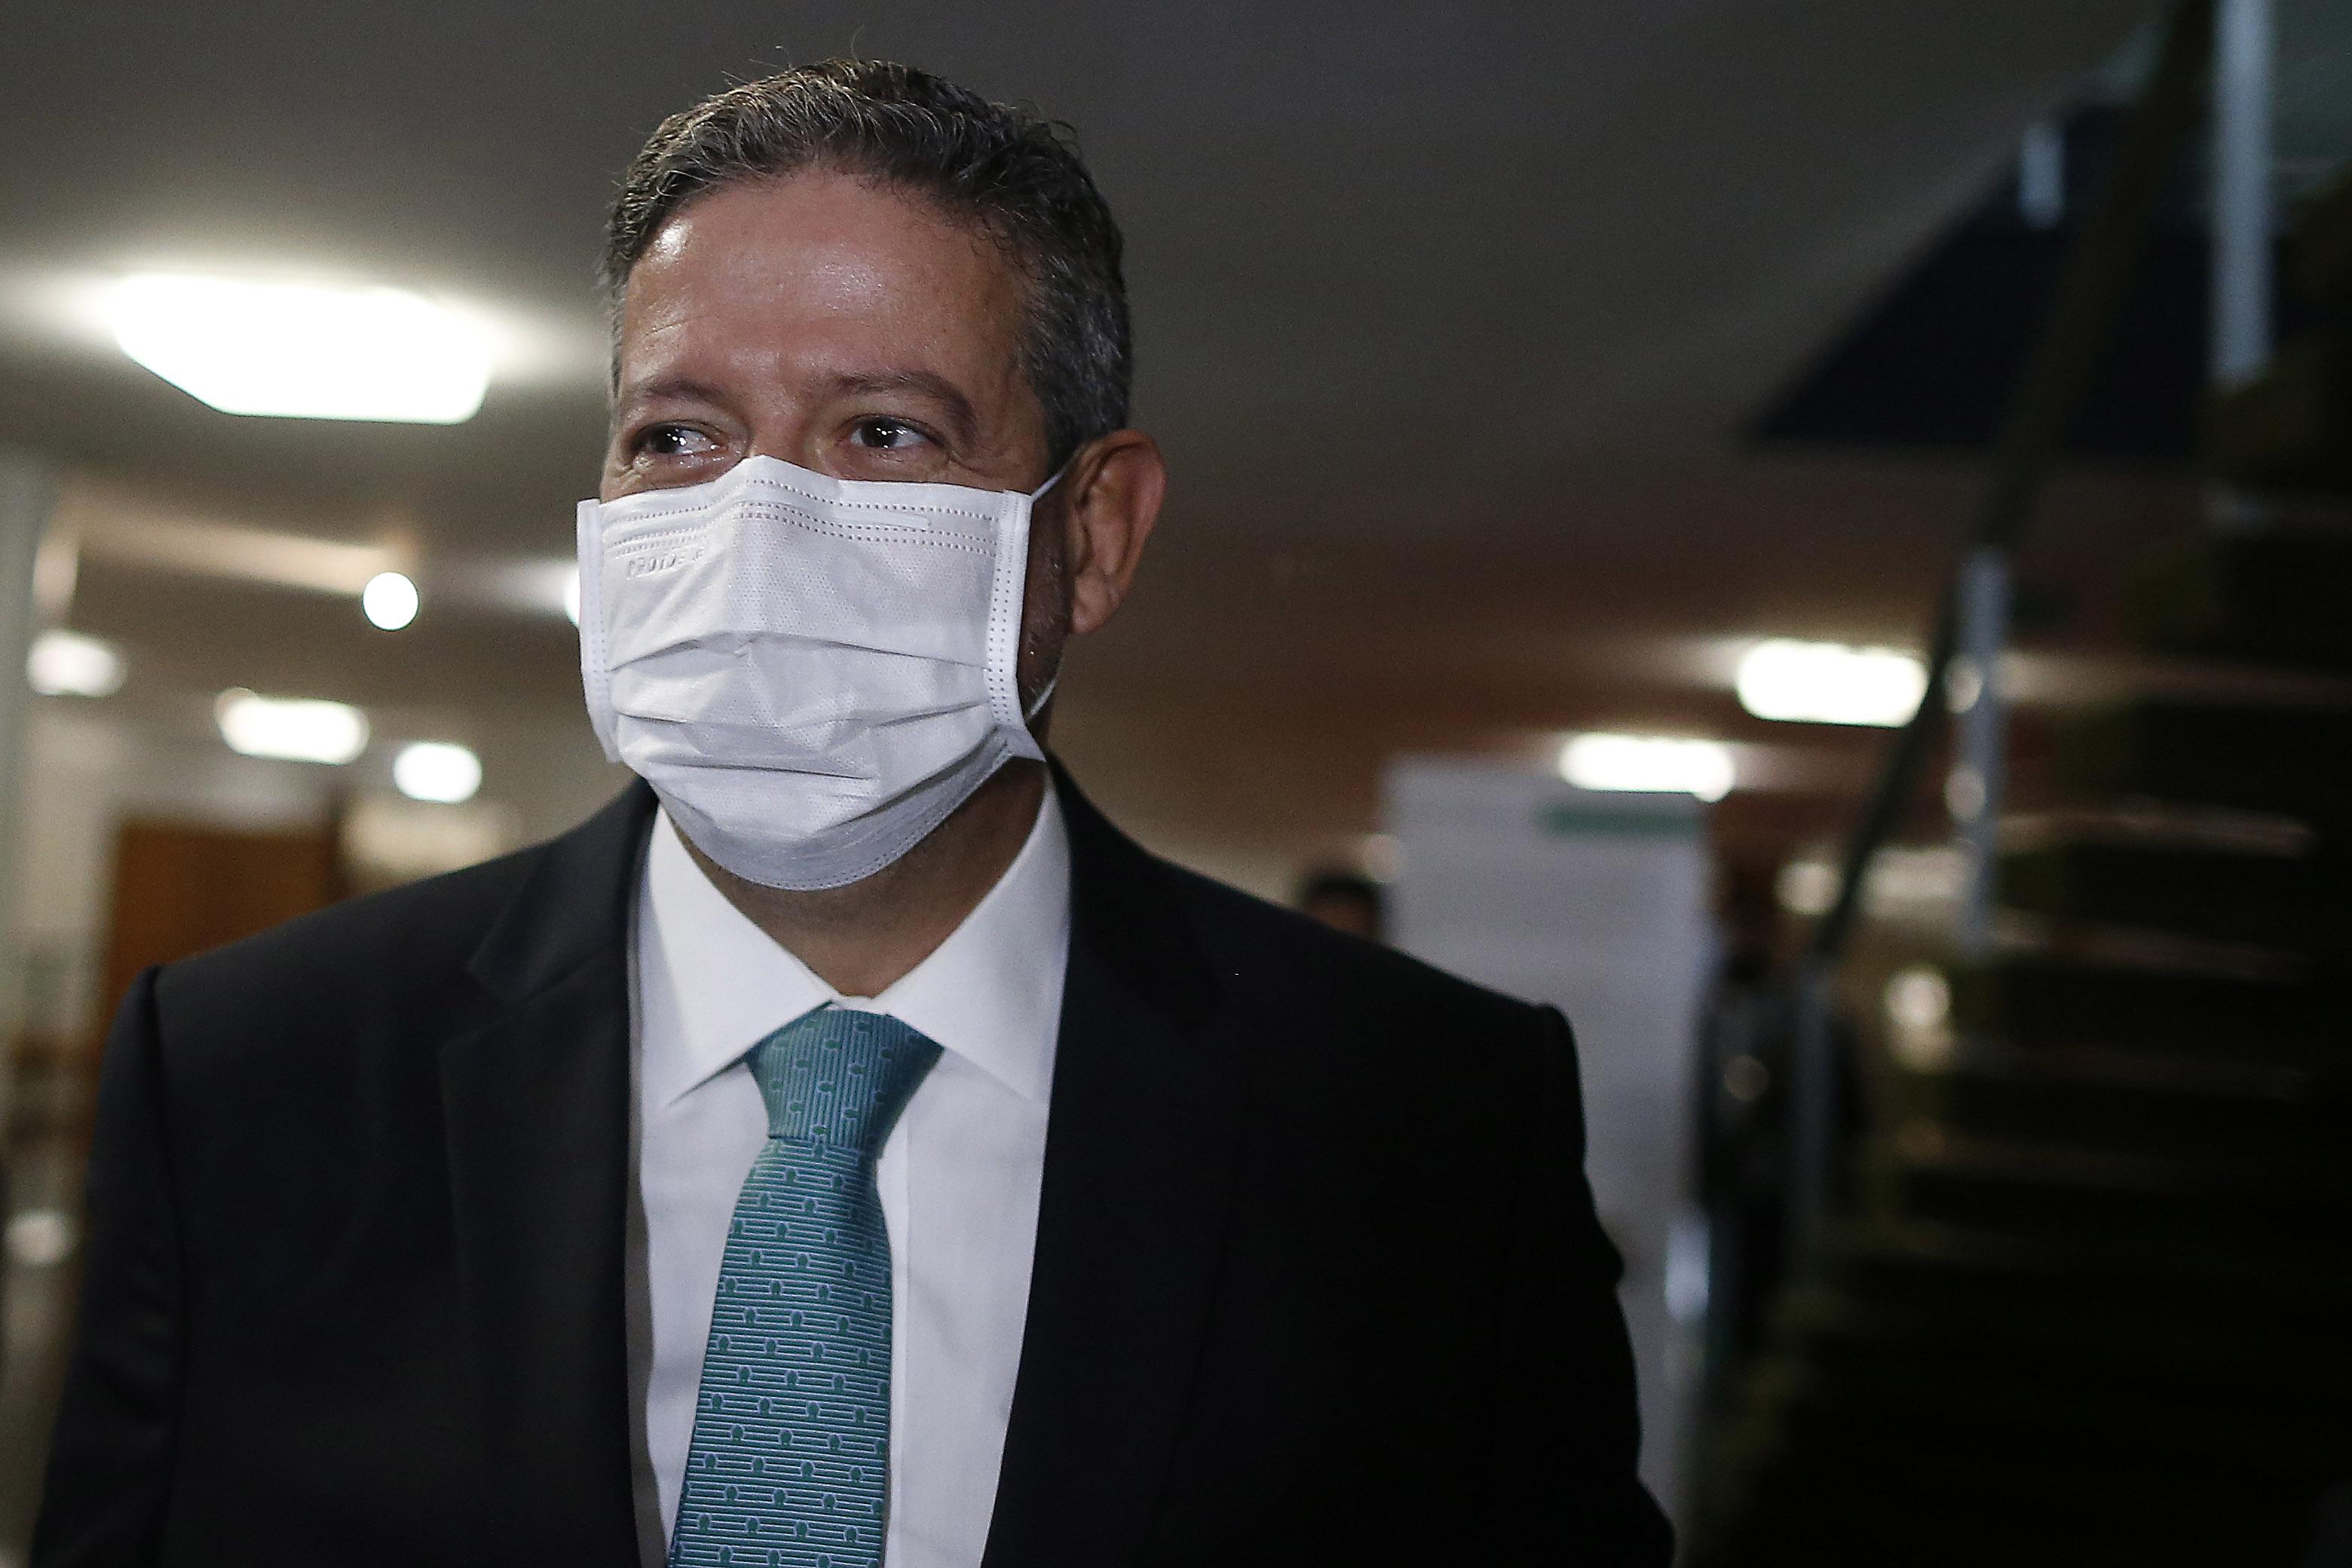 IMAGEM: Ibovespa recua após recado de Lira a Bolsonaro